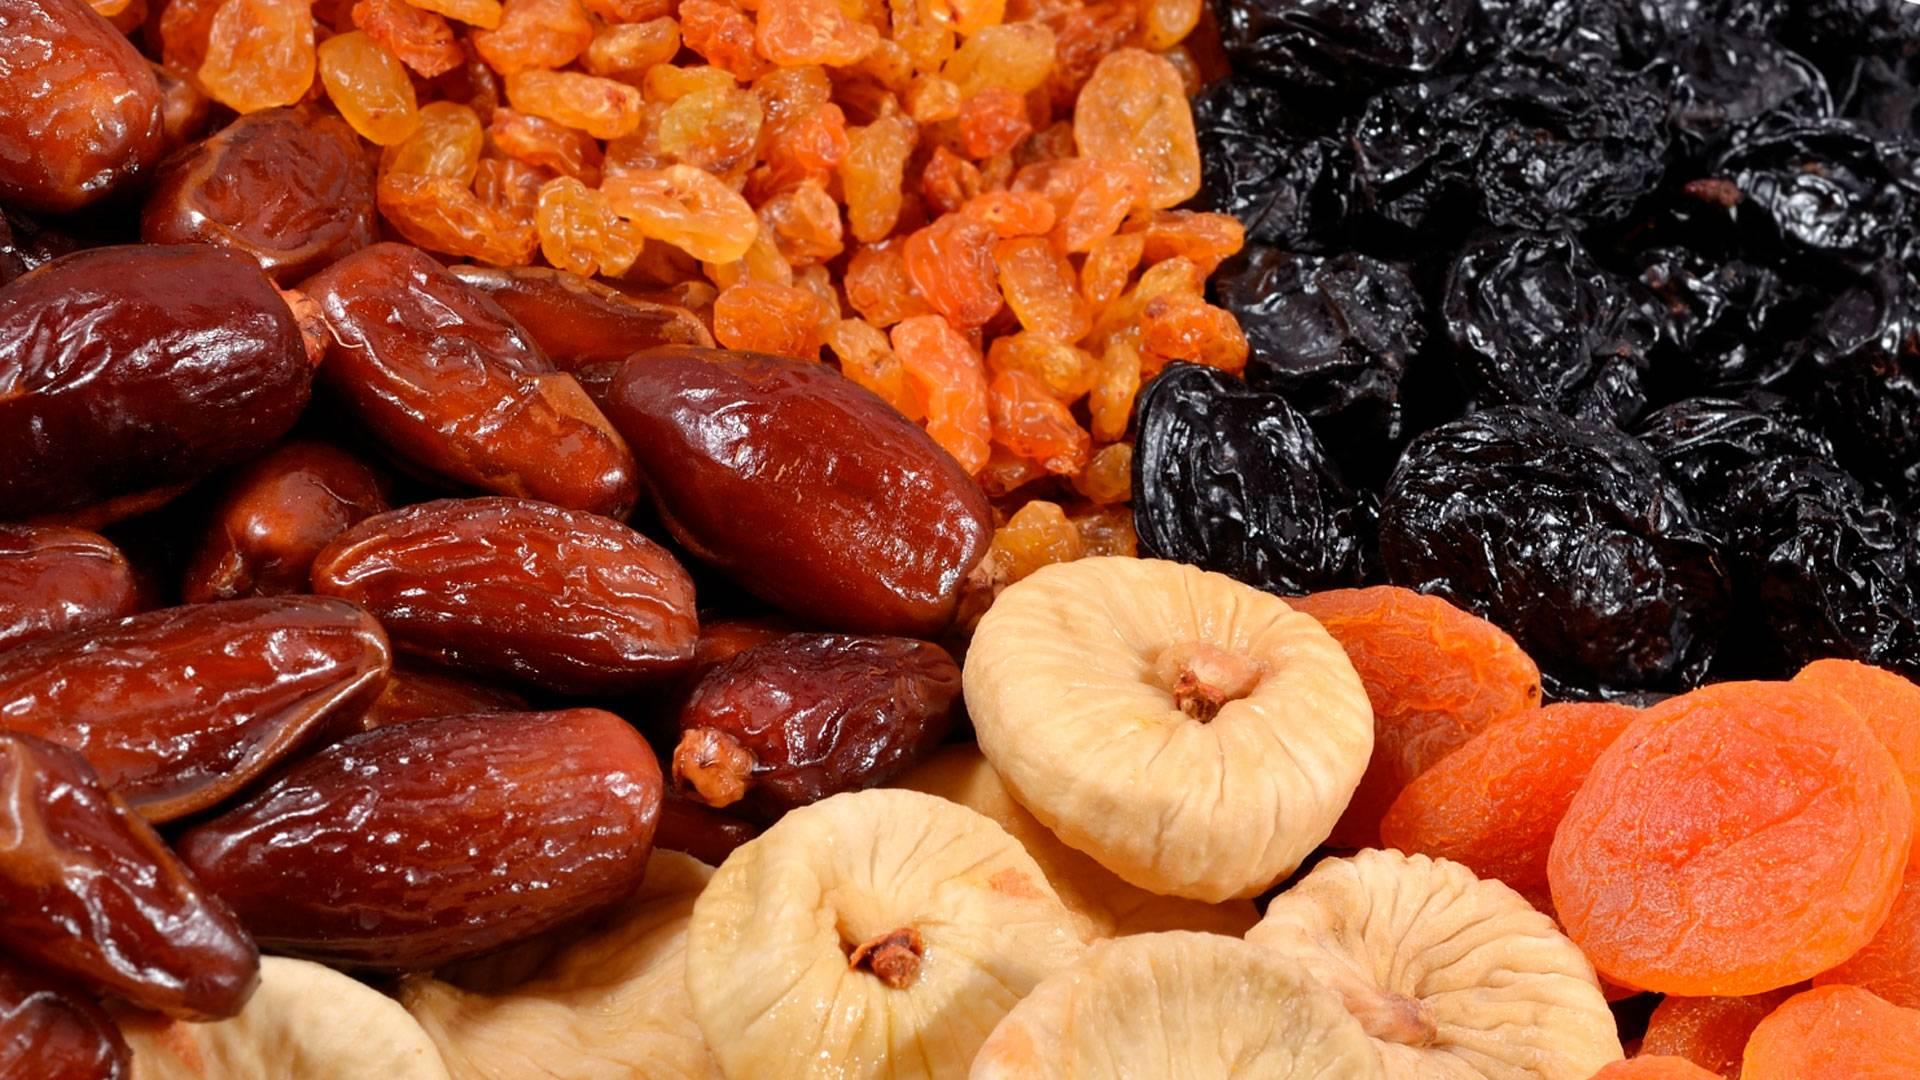 Кумкват — что это и как его есть? разбираемся в экзотических фруктах!